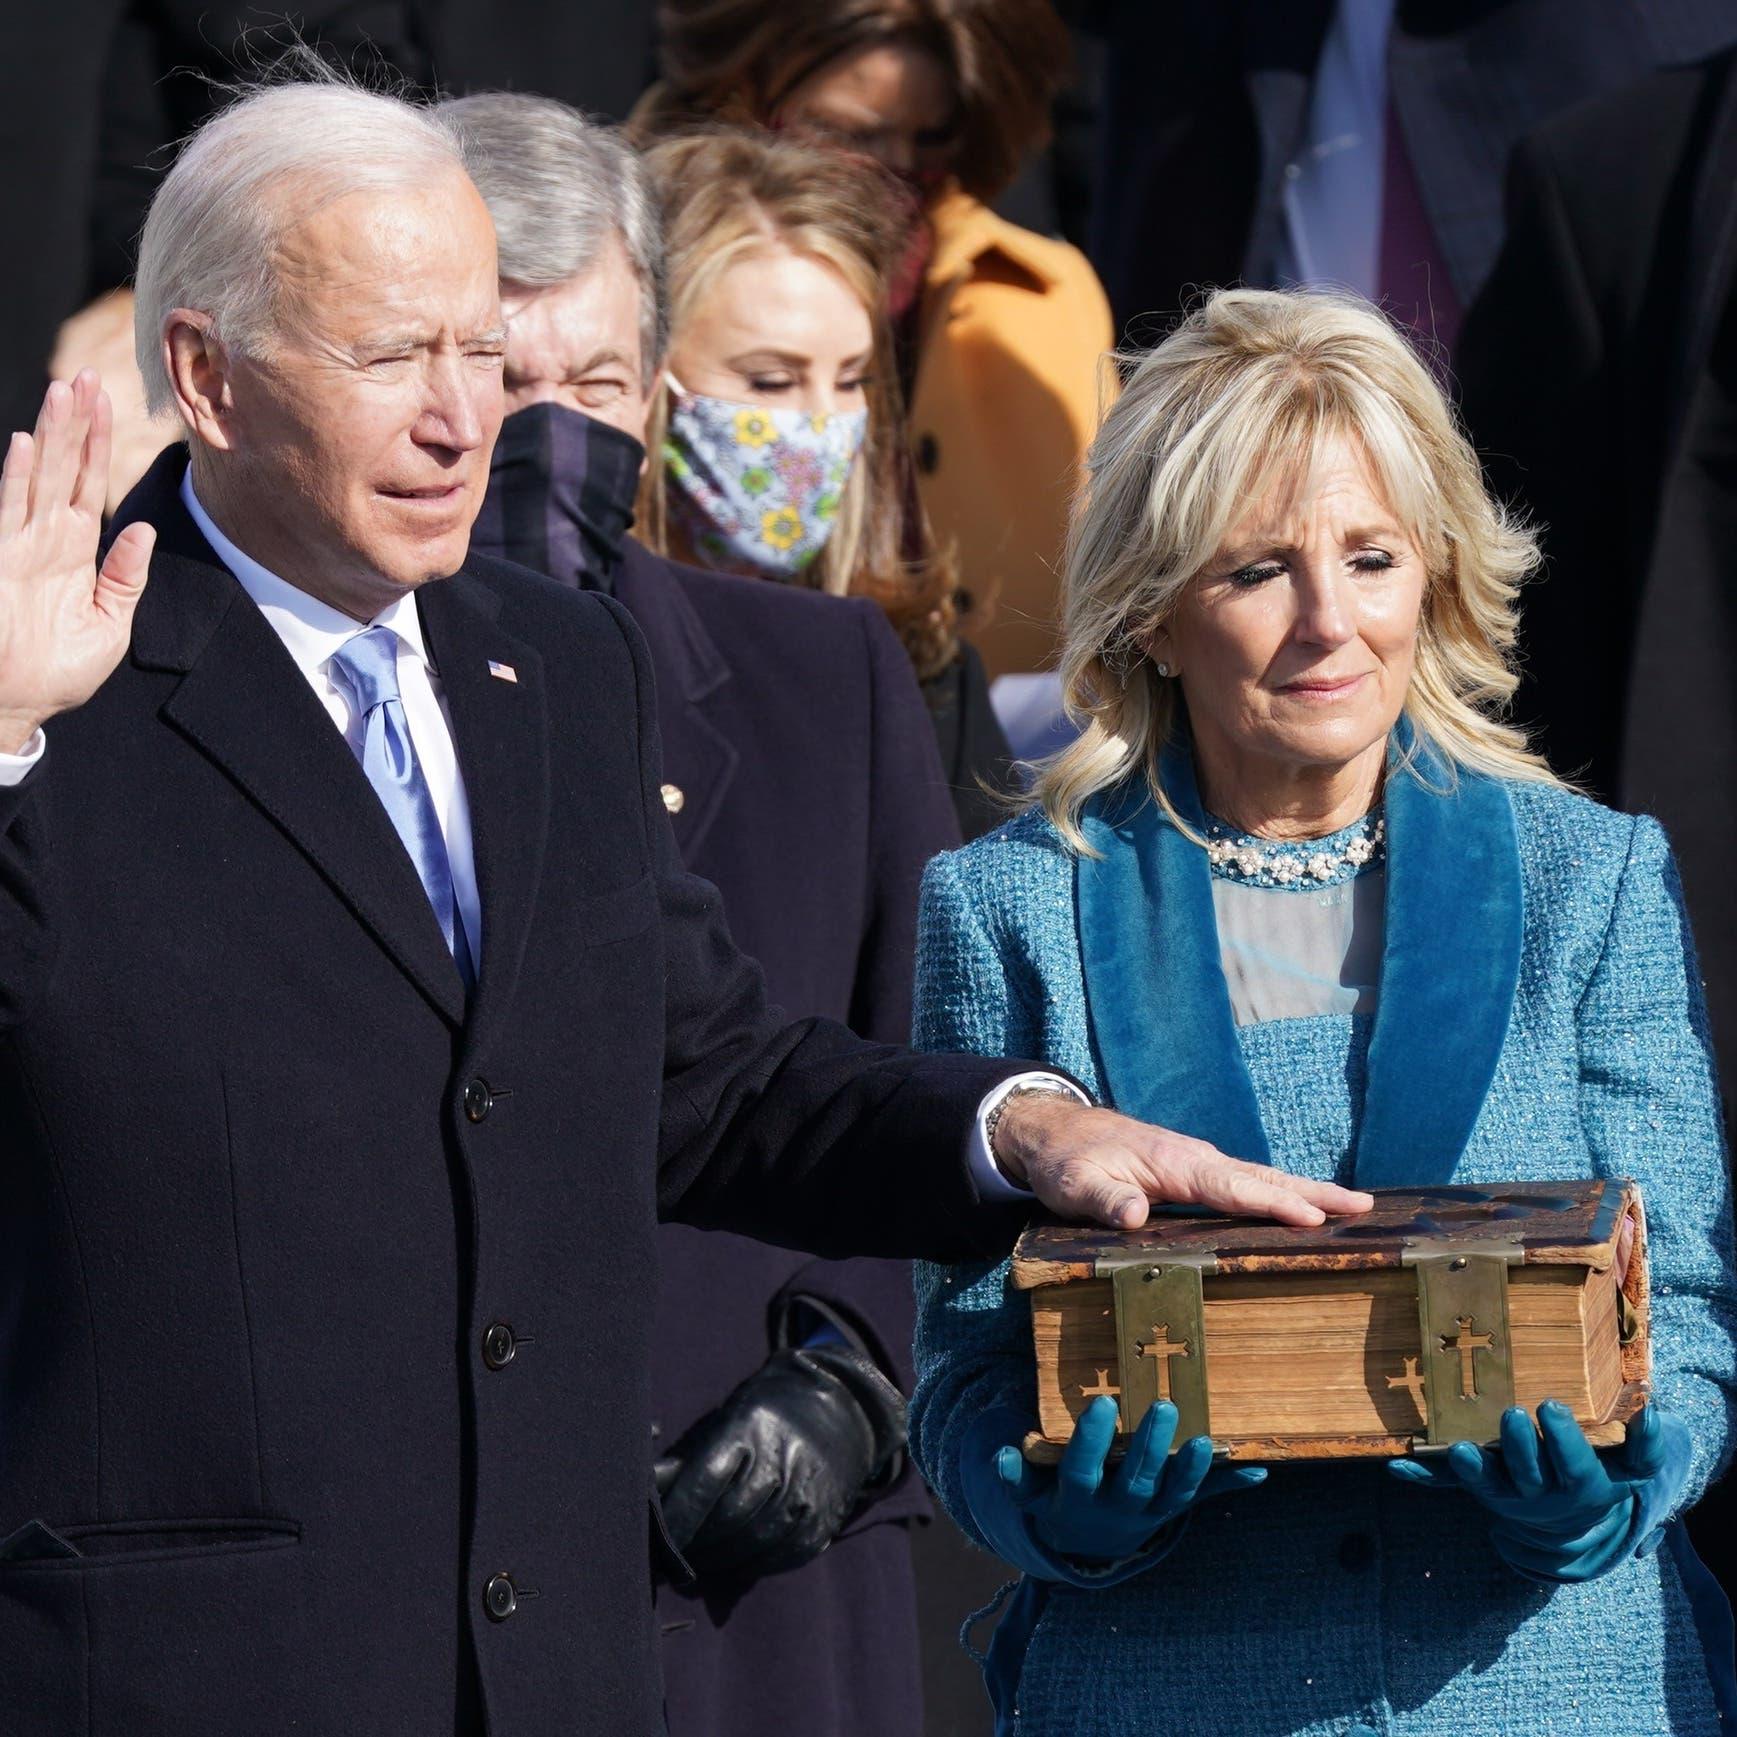 رسمياً.. بايدن الرئيس الـ 46 للولايات المتحدة الأميركية